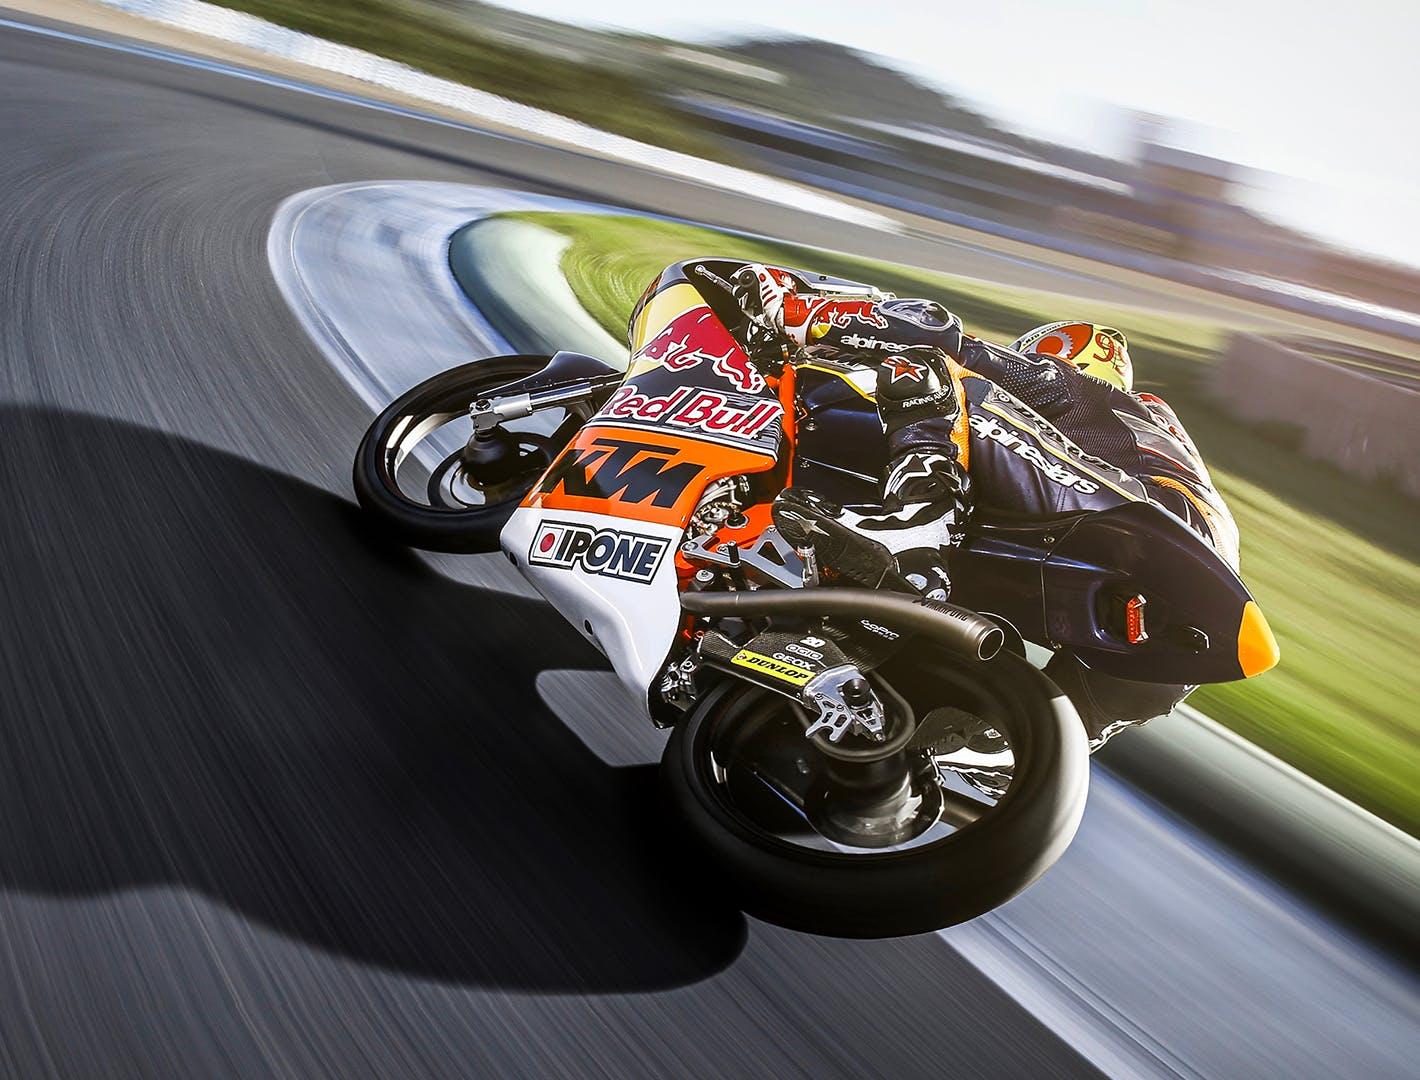 Moto sur circuit de compétition